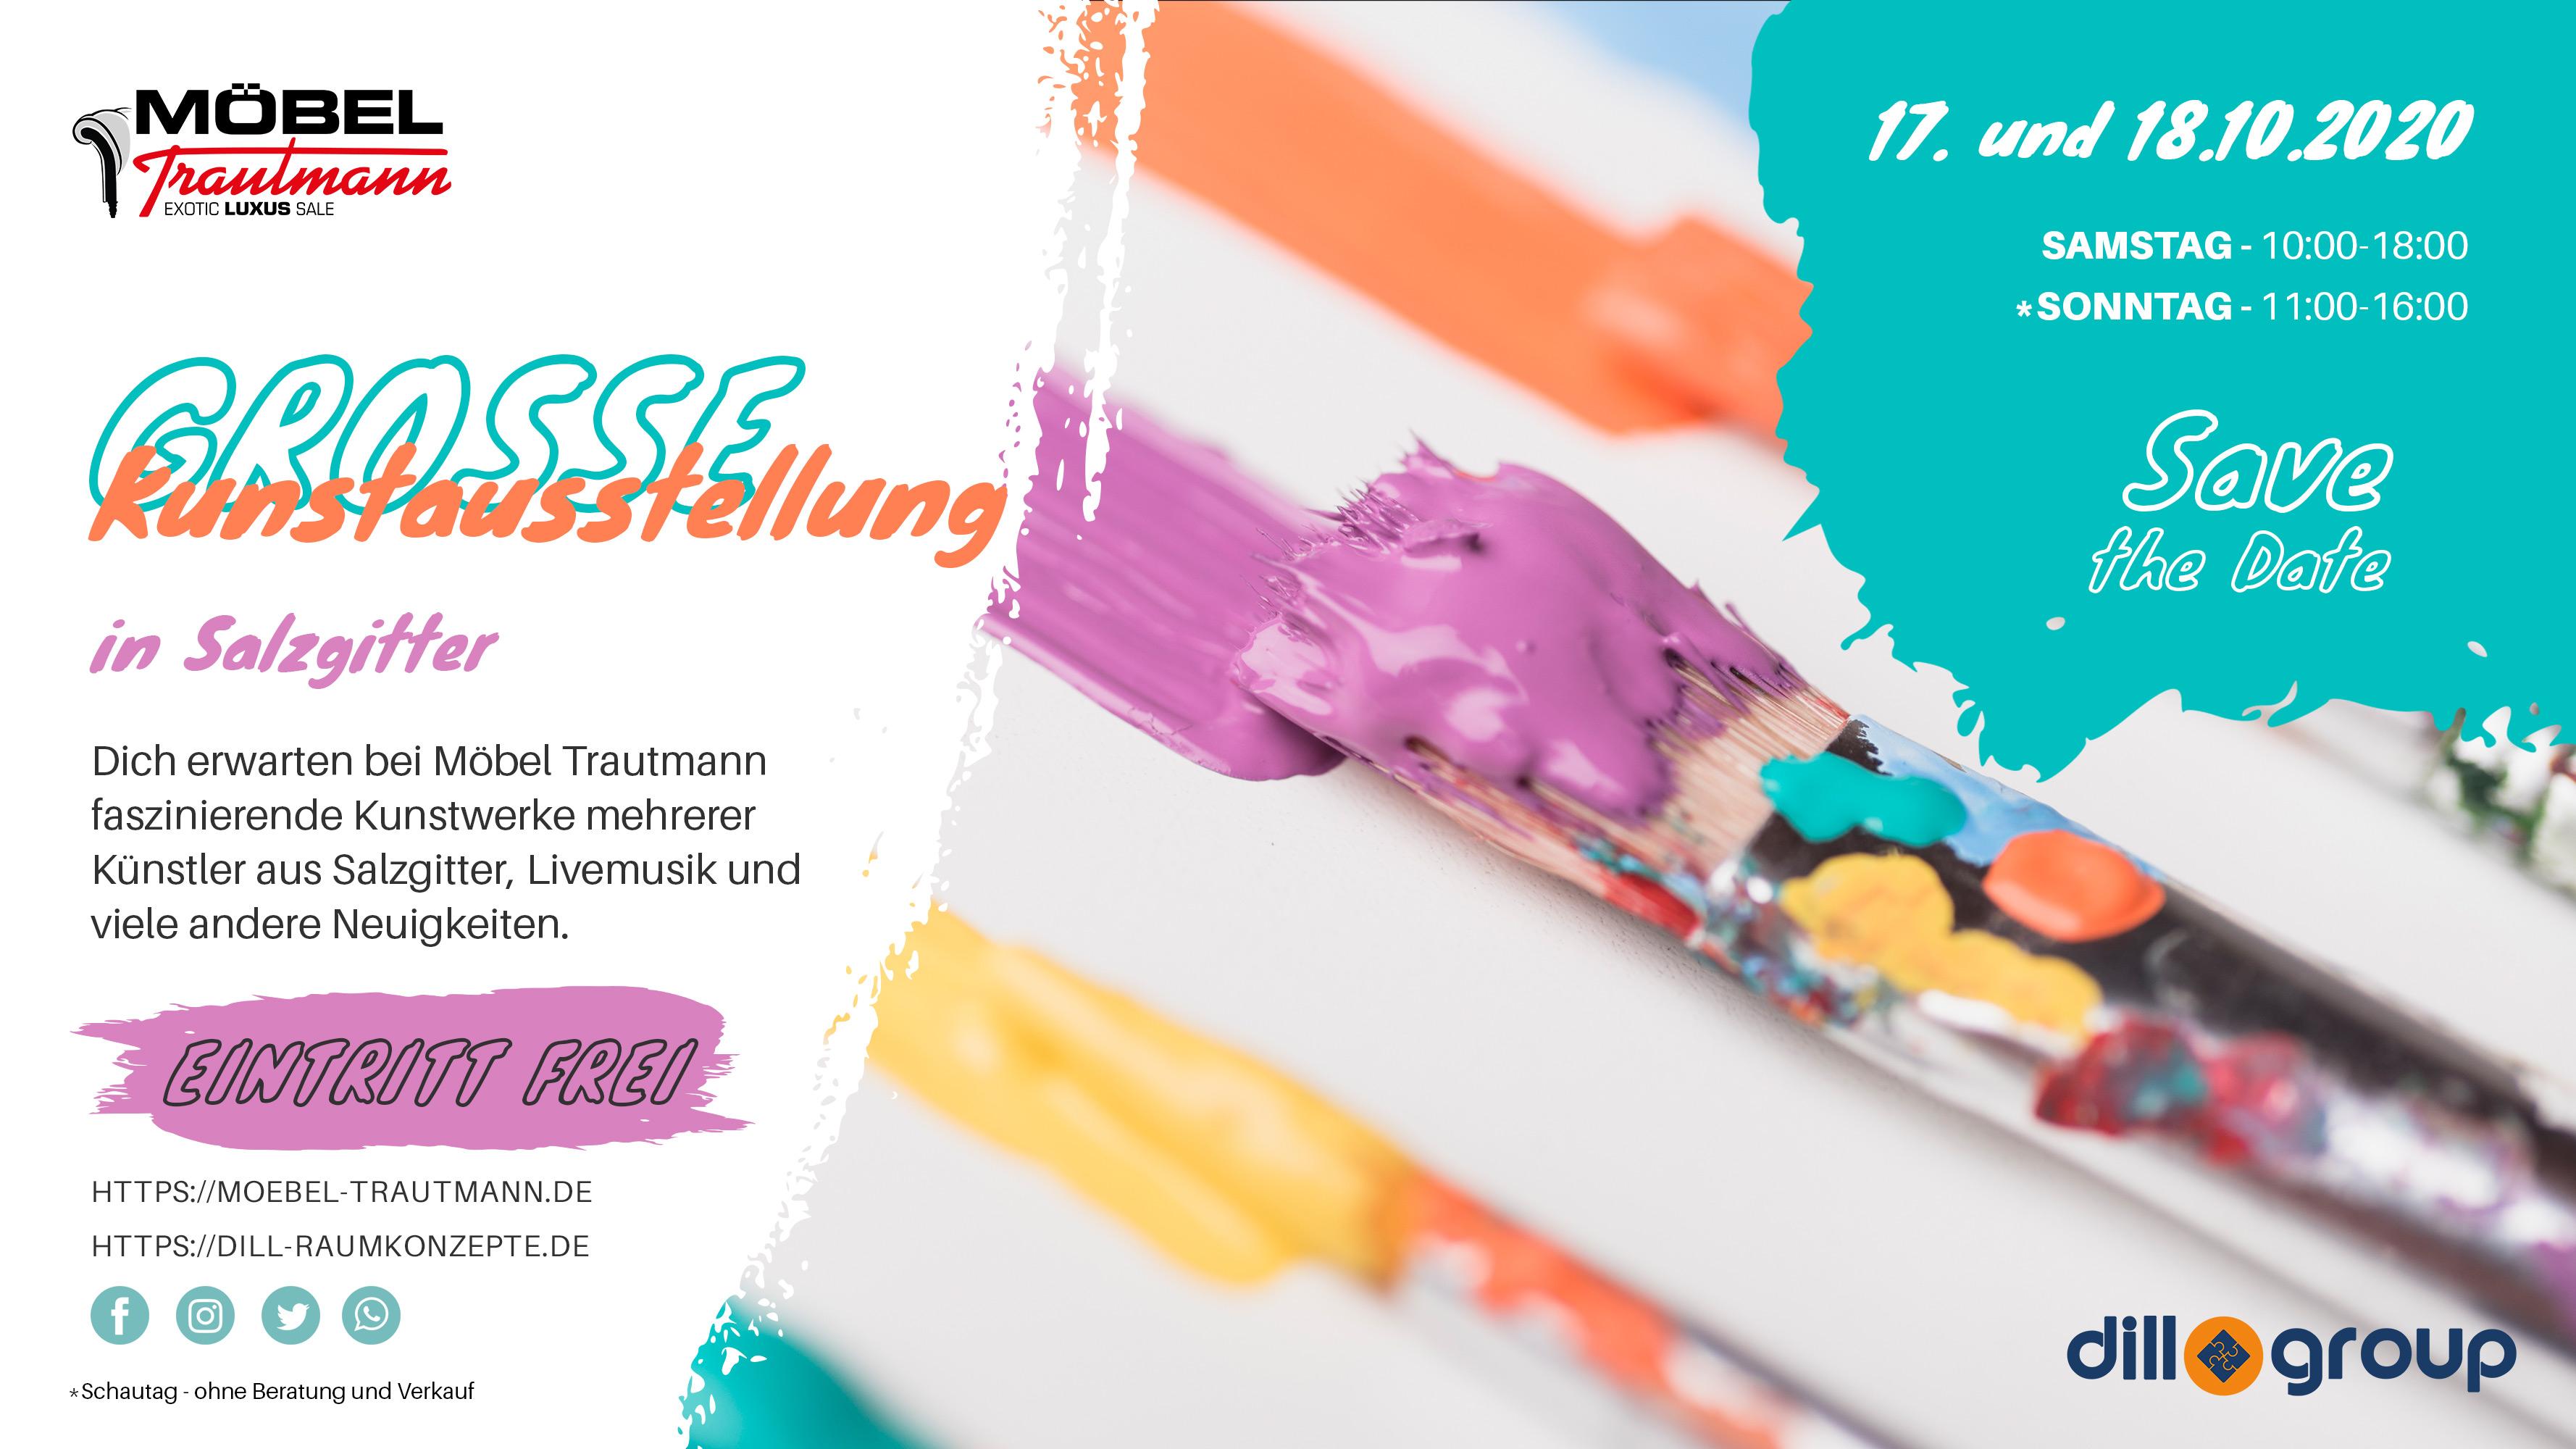 Kunstausstellung bei Möbel Trautmann in Salzgitter